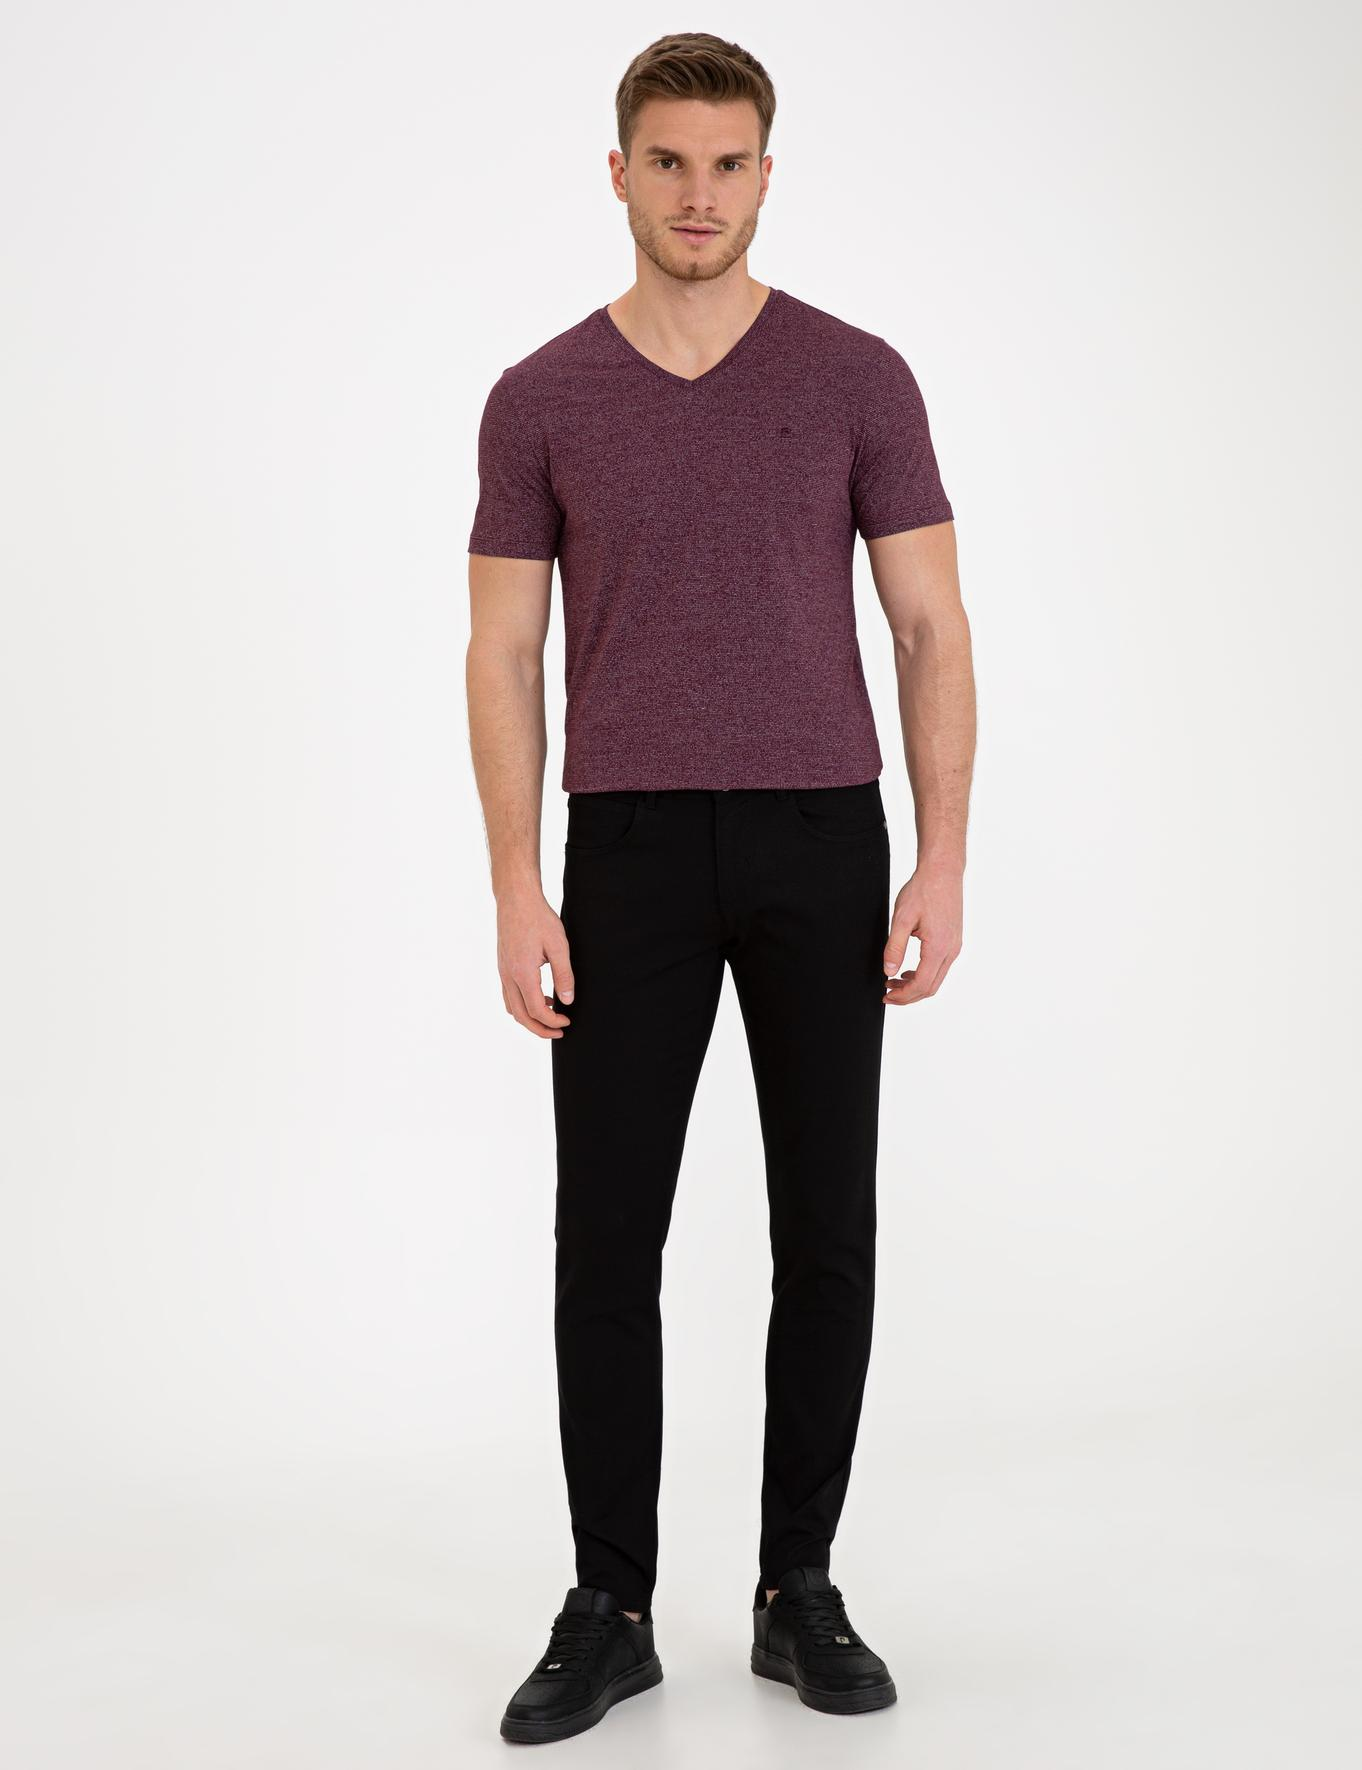 Bordo Slim Fit V Yaka T-Shirt